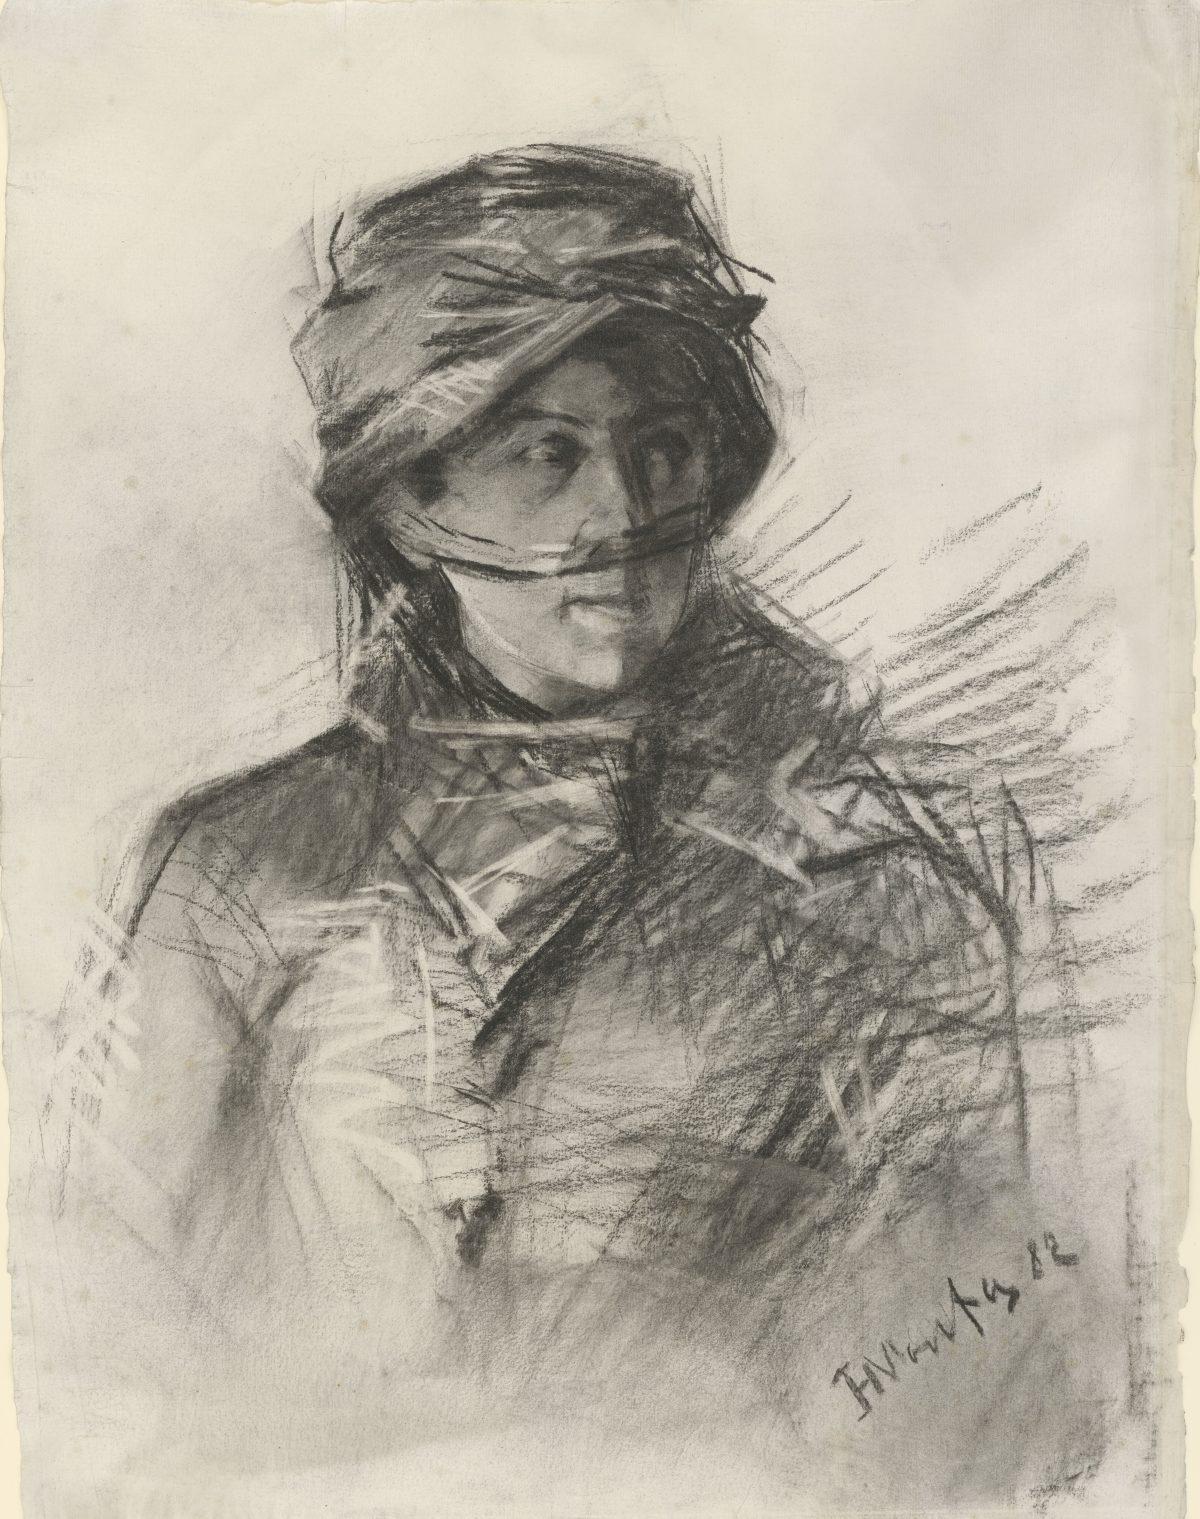 Henri de Toulouse-Lautrec, Portrait der Comtesse Émilie de Toulouse-Lautrec, 1882, Kohle, 630 x 478 mm Blattmaß © Staatliche Graphische Sammlung München